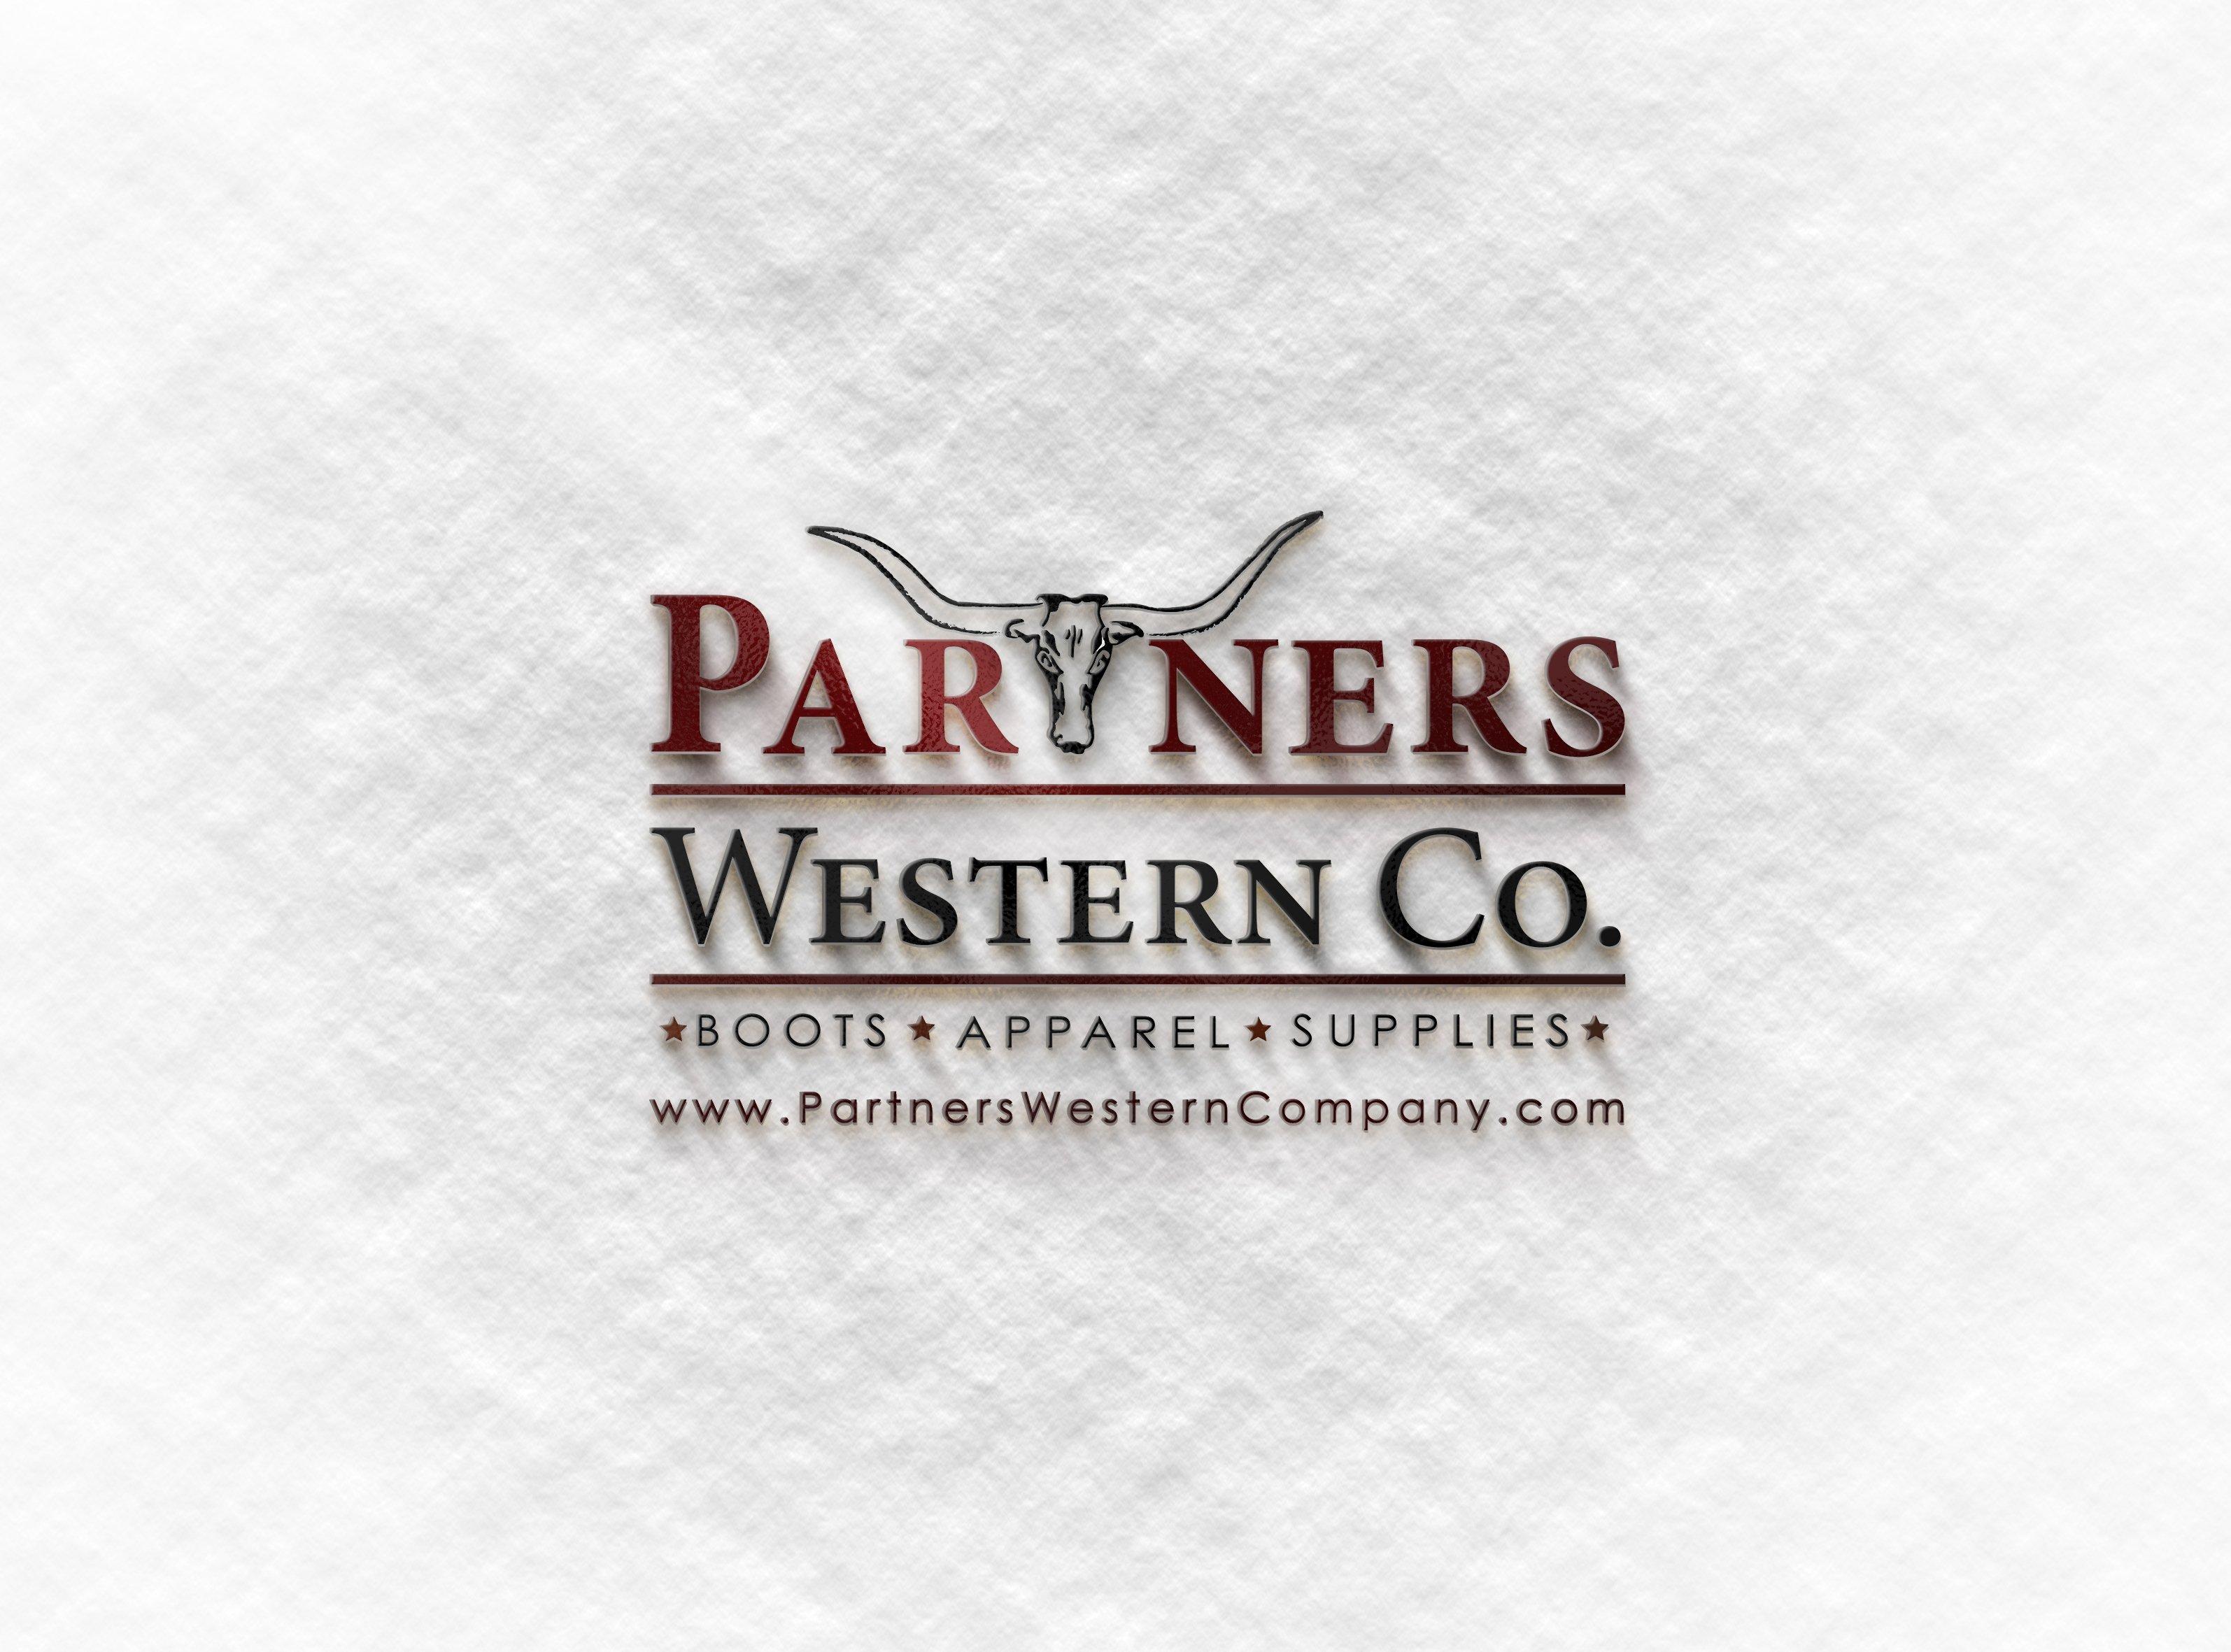 PWC-Website-Design